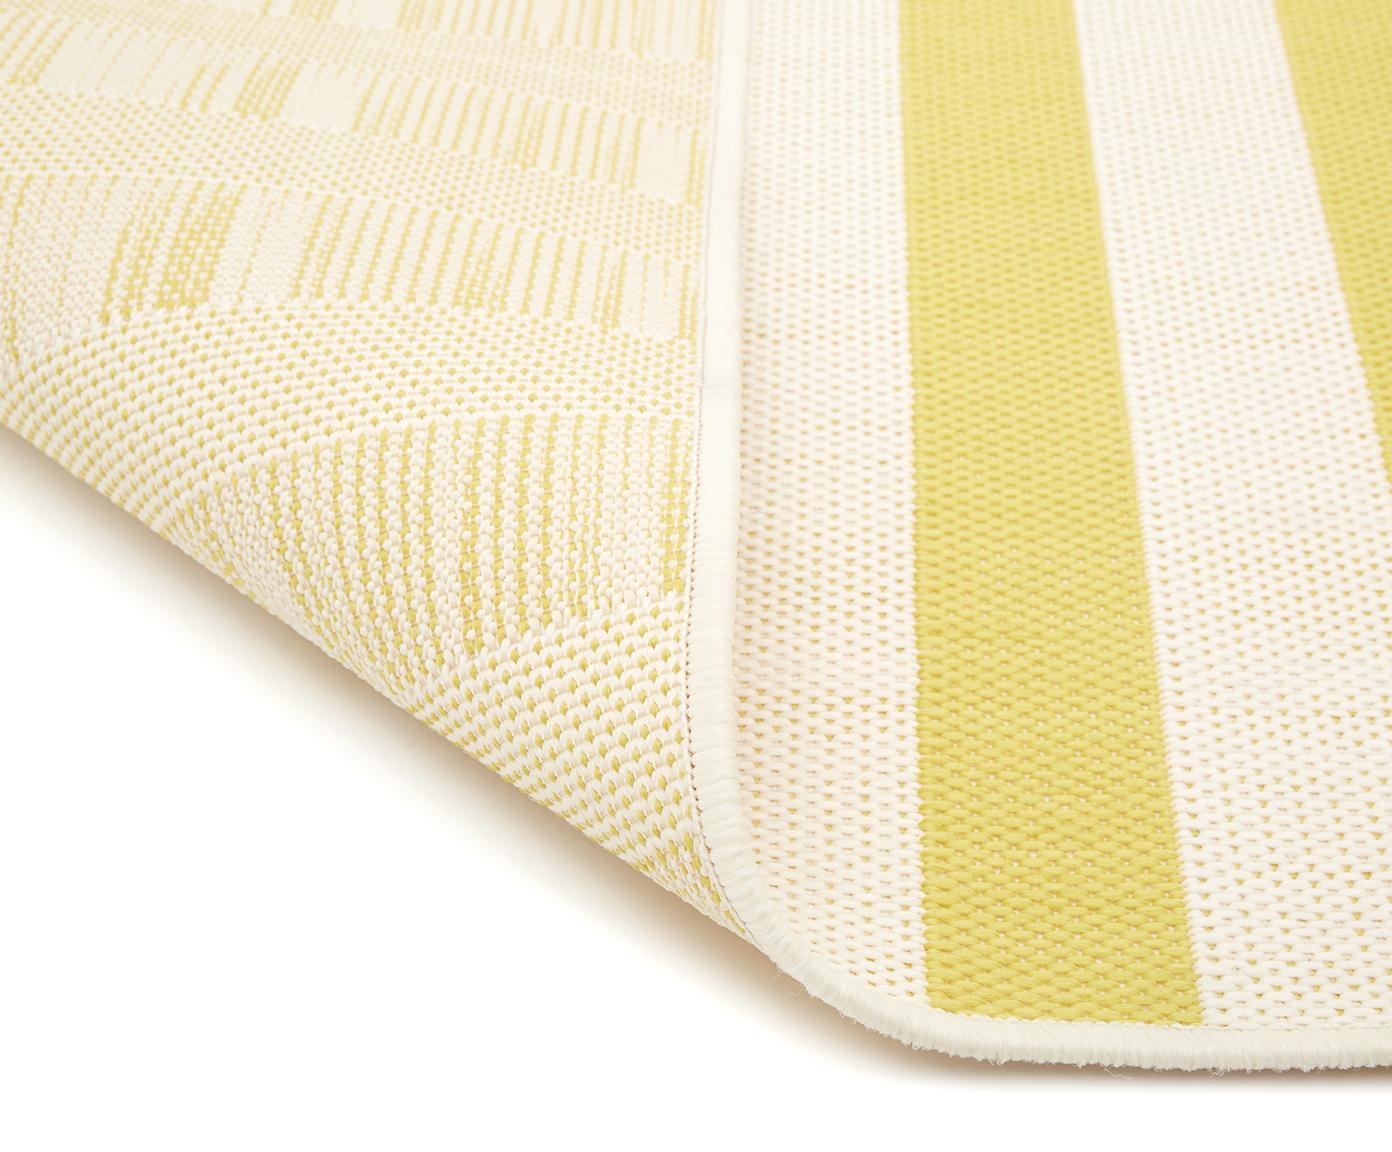 Gestreept in- & outdoor vloerkleed Axa in geel/wit, Bovenzijde: polypropyleen, Onderzijde: polyester, Crèmewit, geel, B 200 x L 290 cm (maat L)